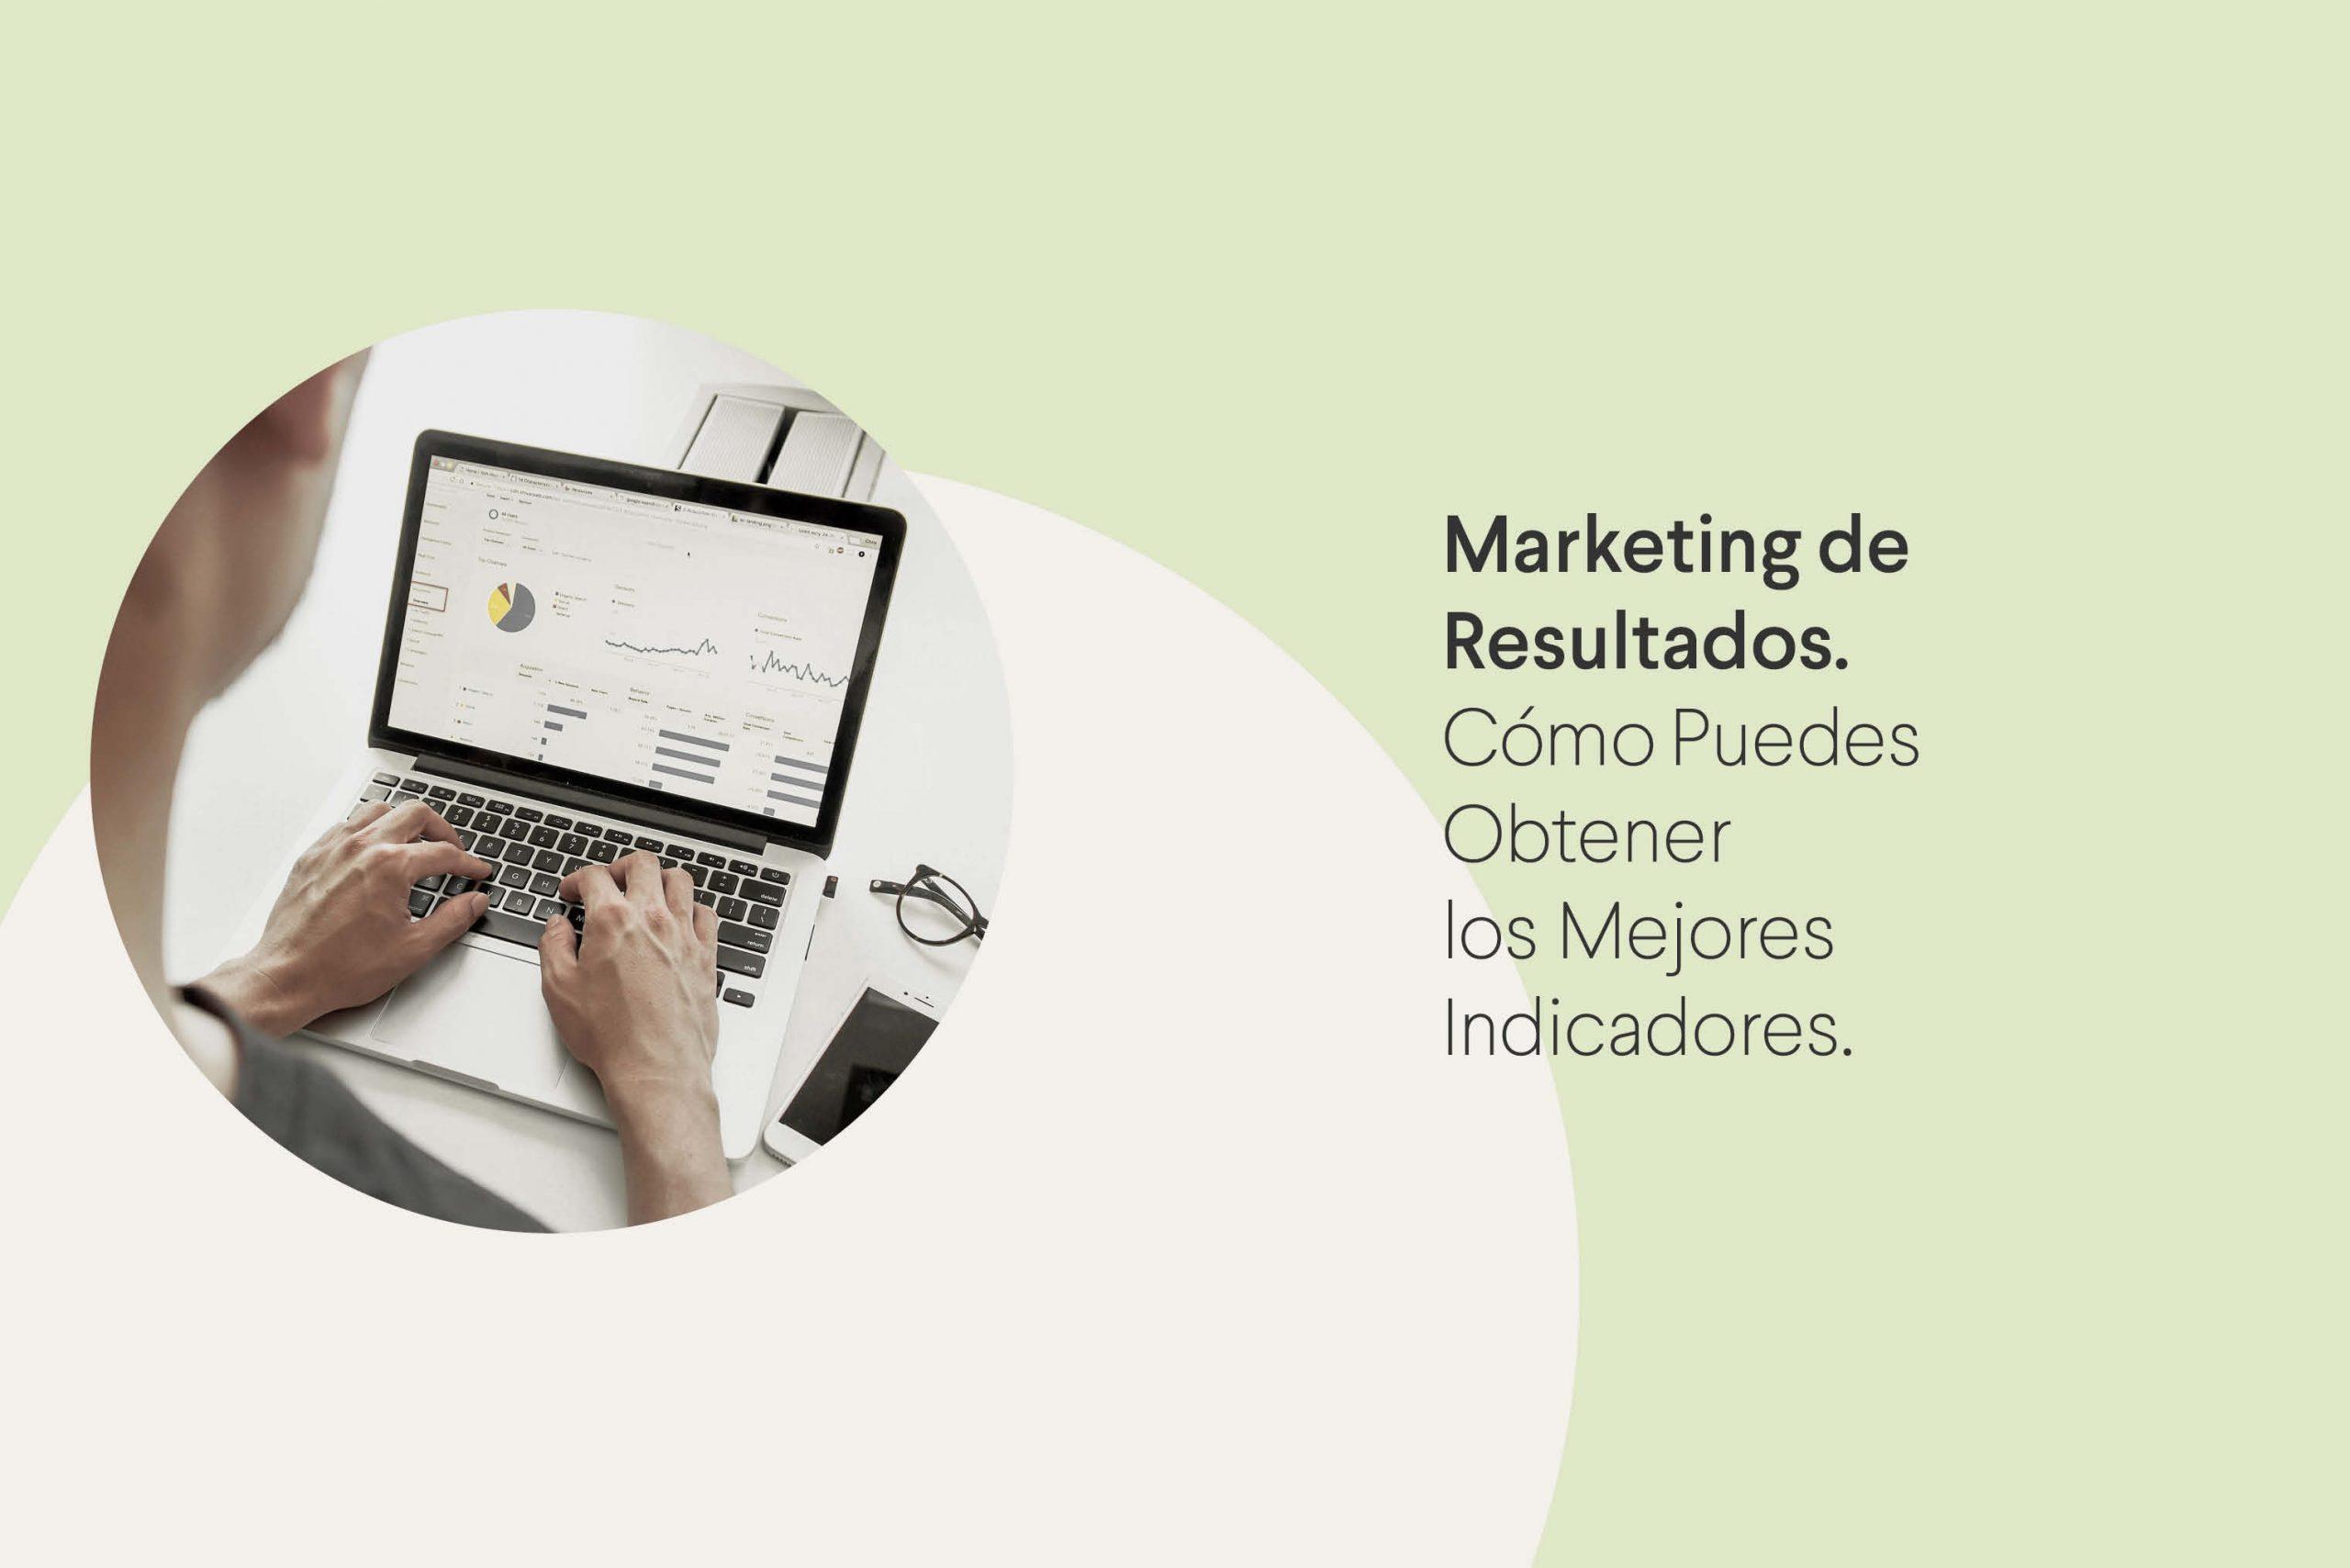 Marketing de Resultados